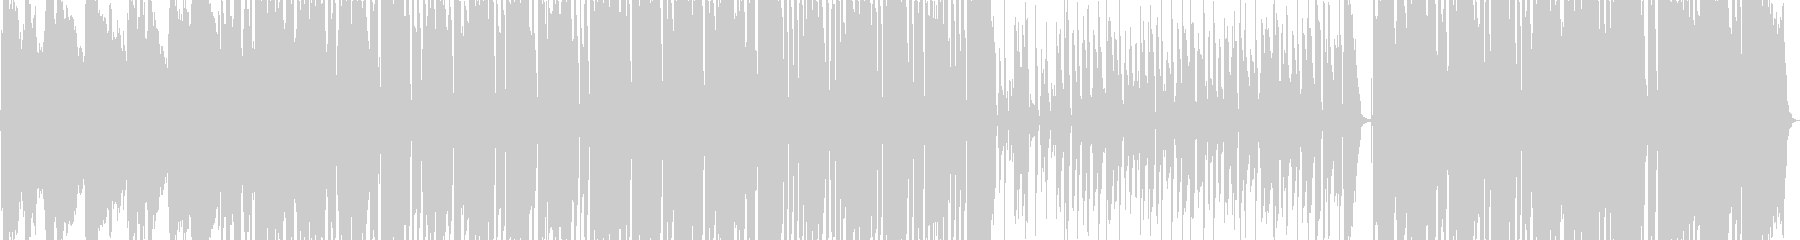 伝統的なジャズ ビバップ ディキシ...の未再生の波形